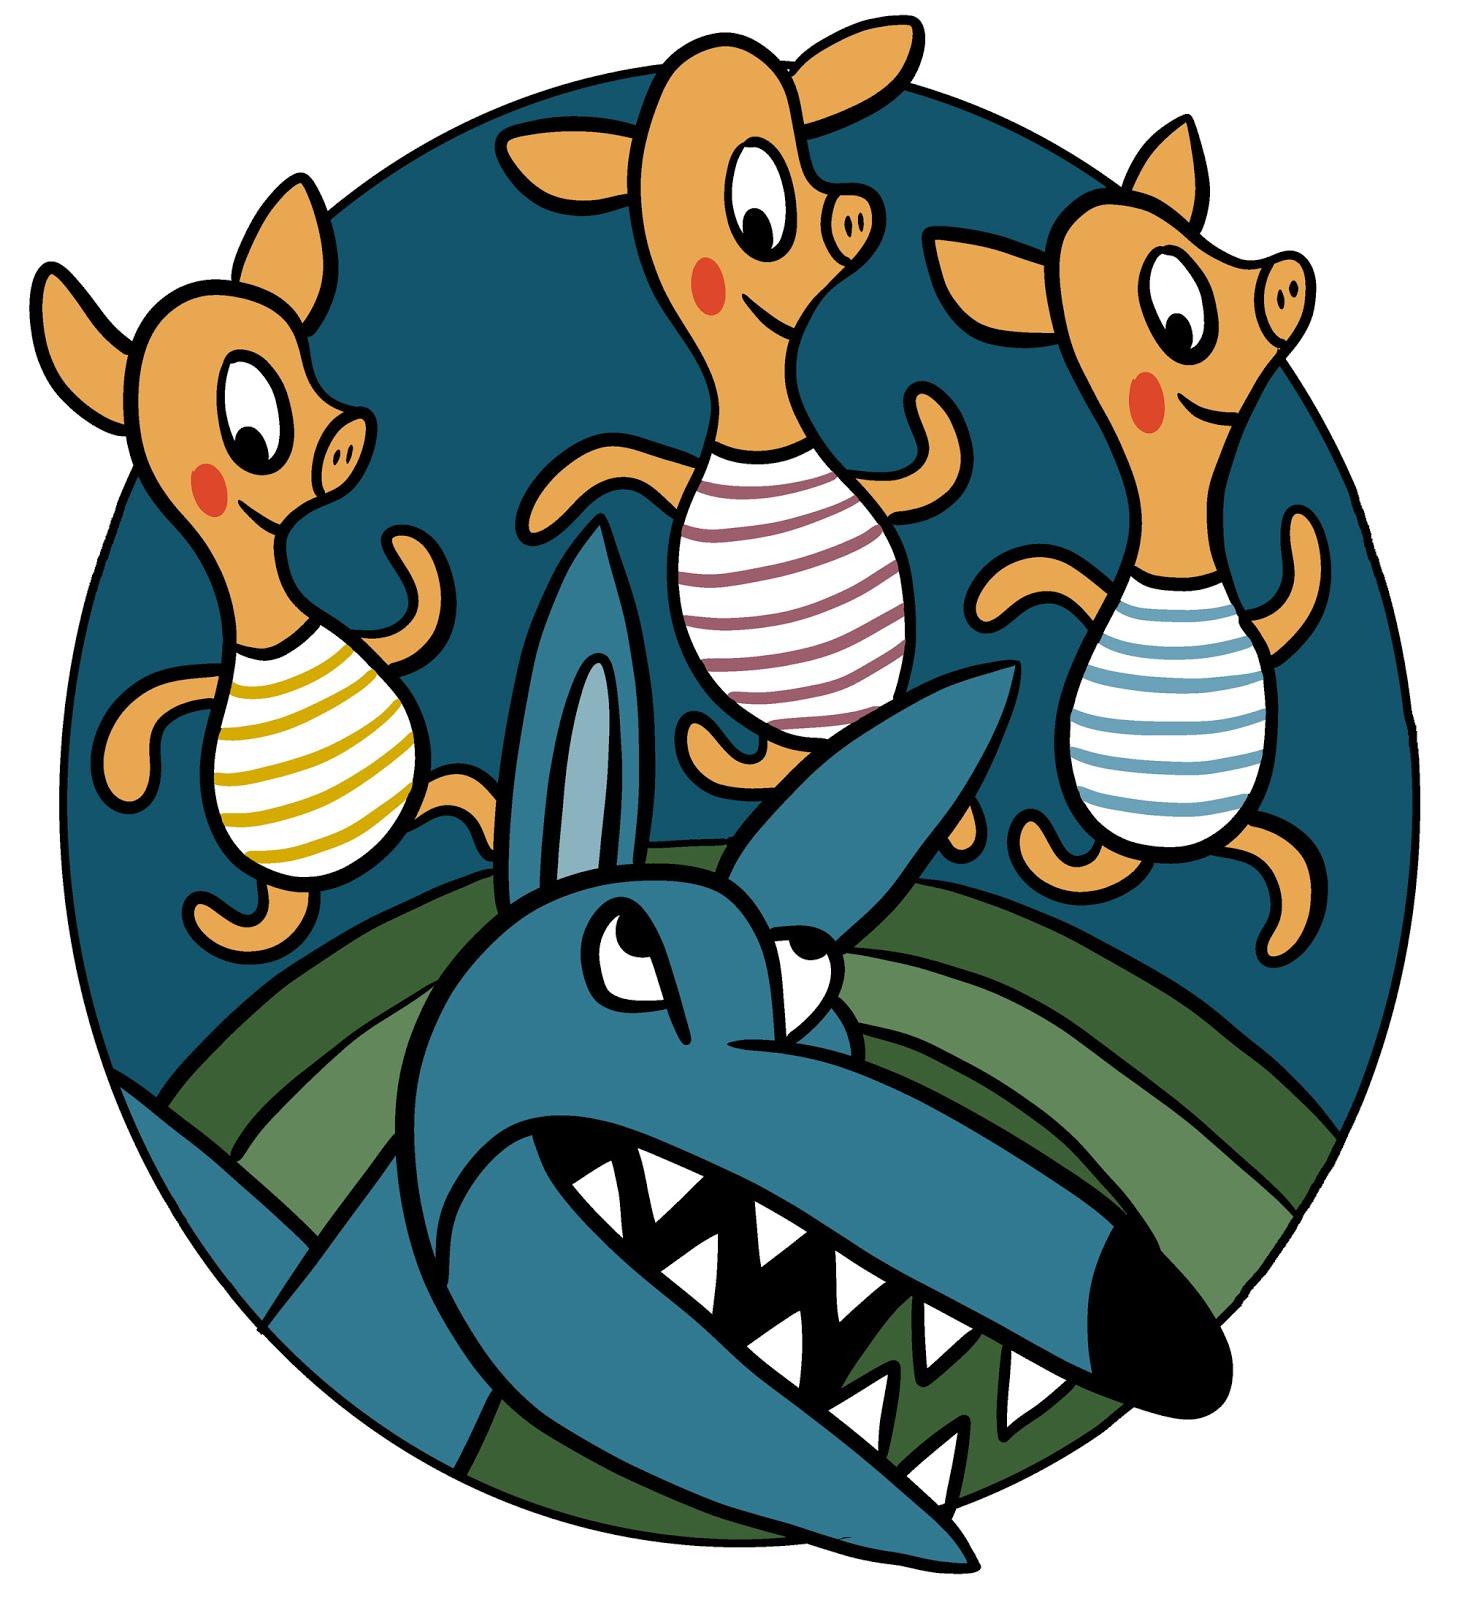 A három kismalac - az évad nyitó gyermekelőadása a Művész Stúdióban!